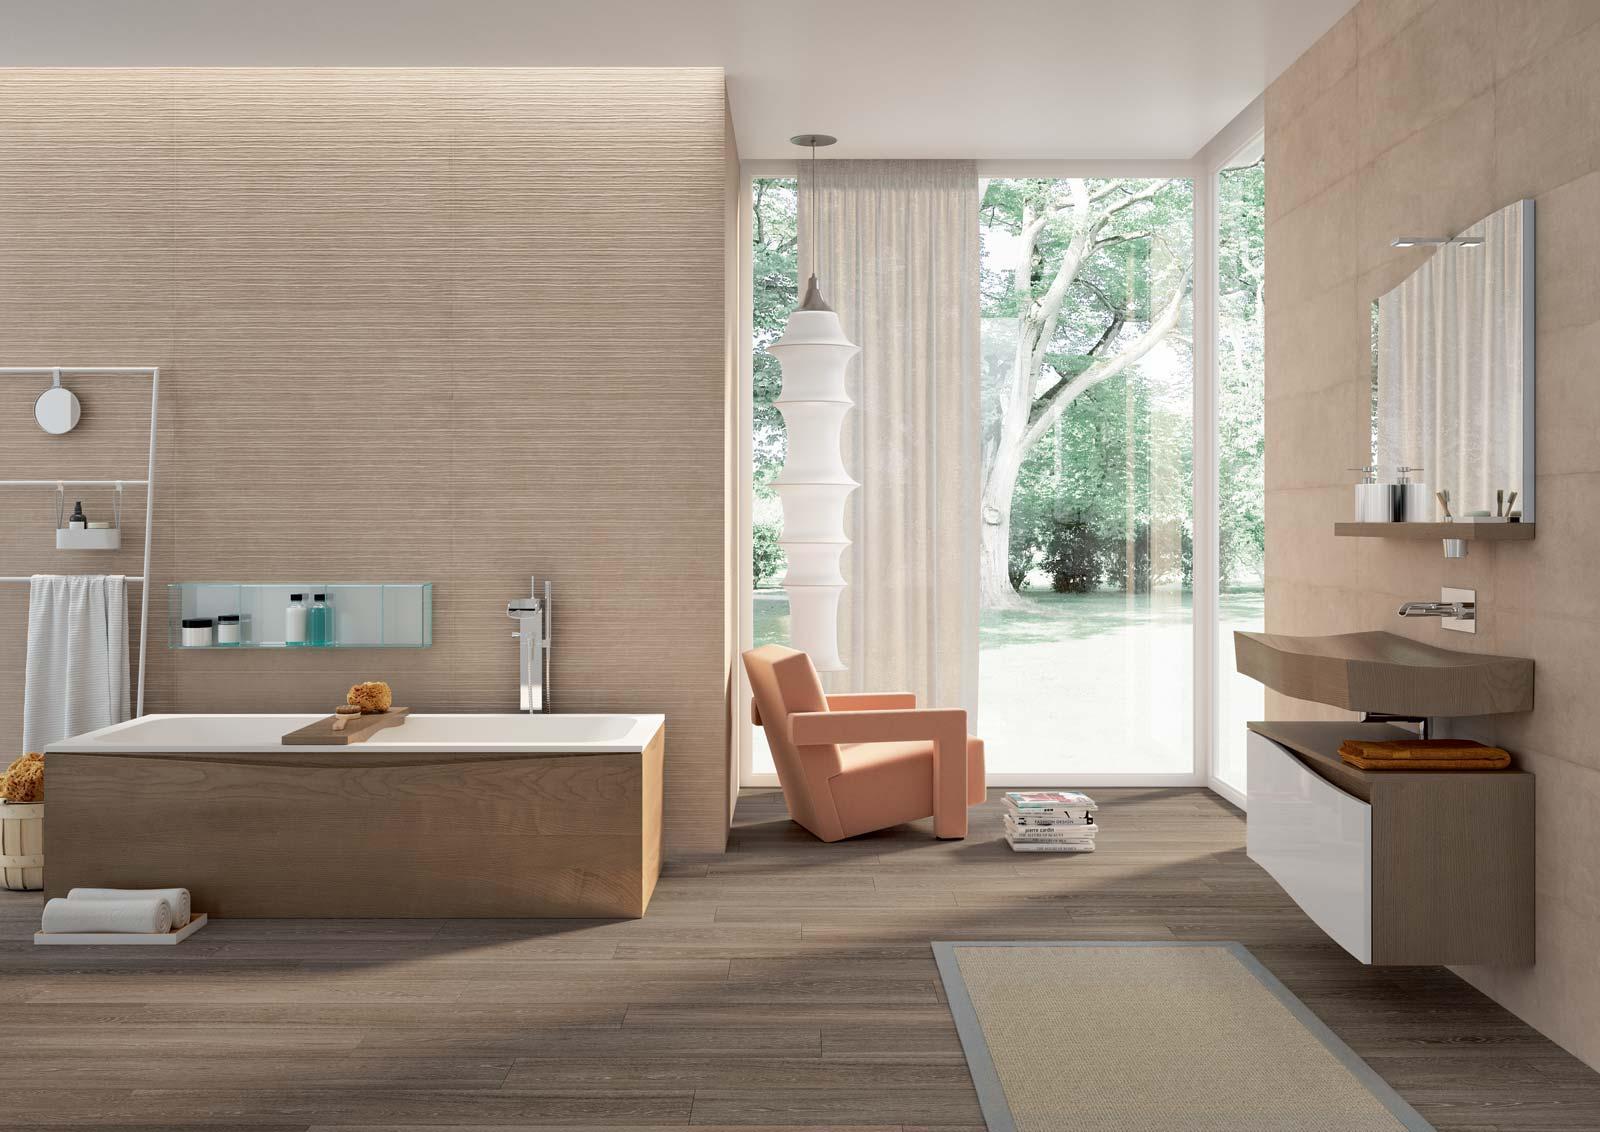 Idee rivestimento bagno fresco fabric by marazzi u garbi